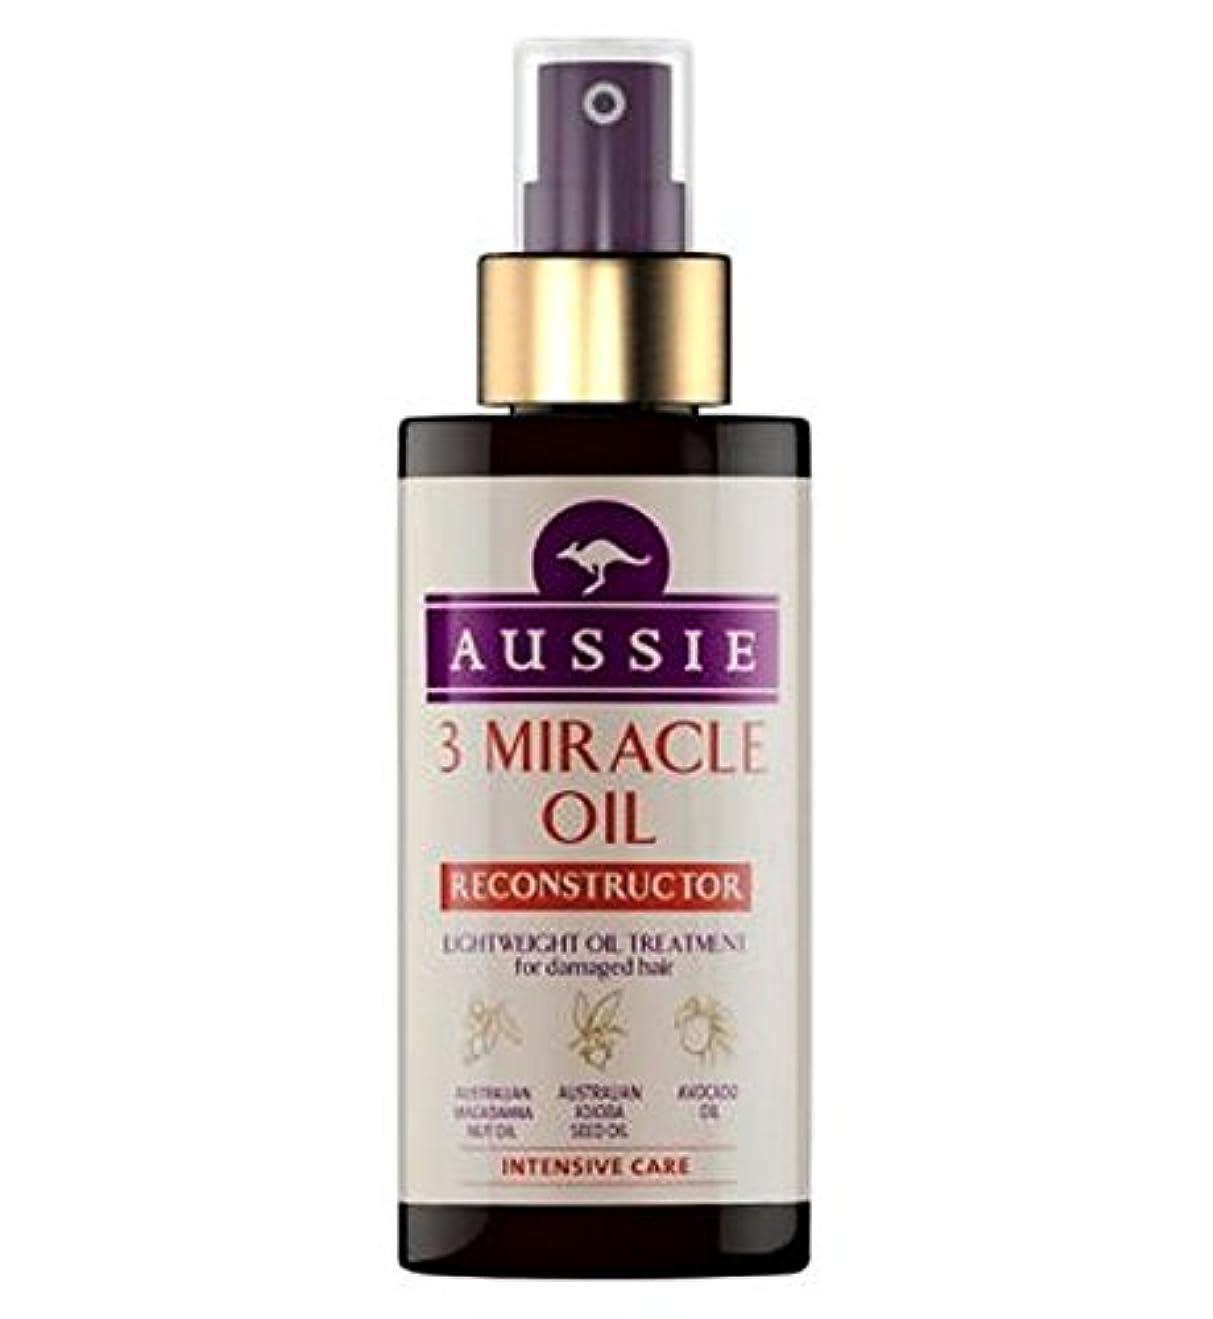 状況コレクション植木Aussie 3 Miracle Oil Reconstructor for Damaged Hair 100ml - 傷んだ髪の100ミリリットルのためのオージー3奇跡のオイル再構成 (Aussie) [並行輸入品]